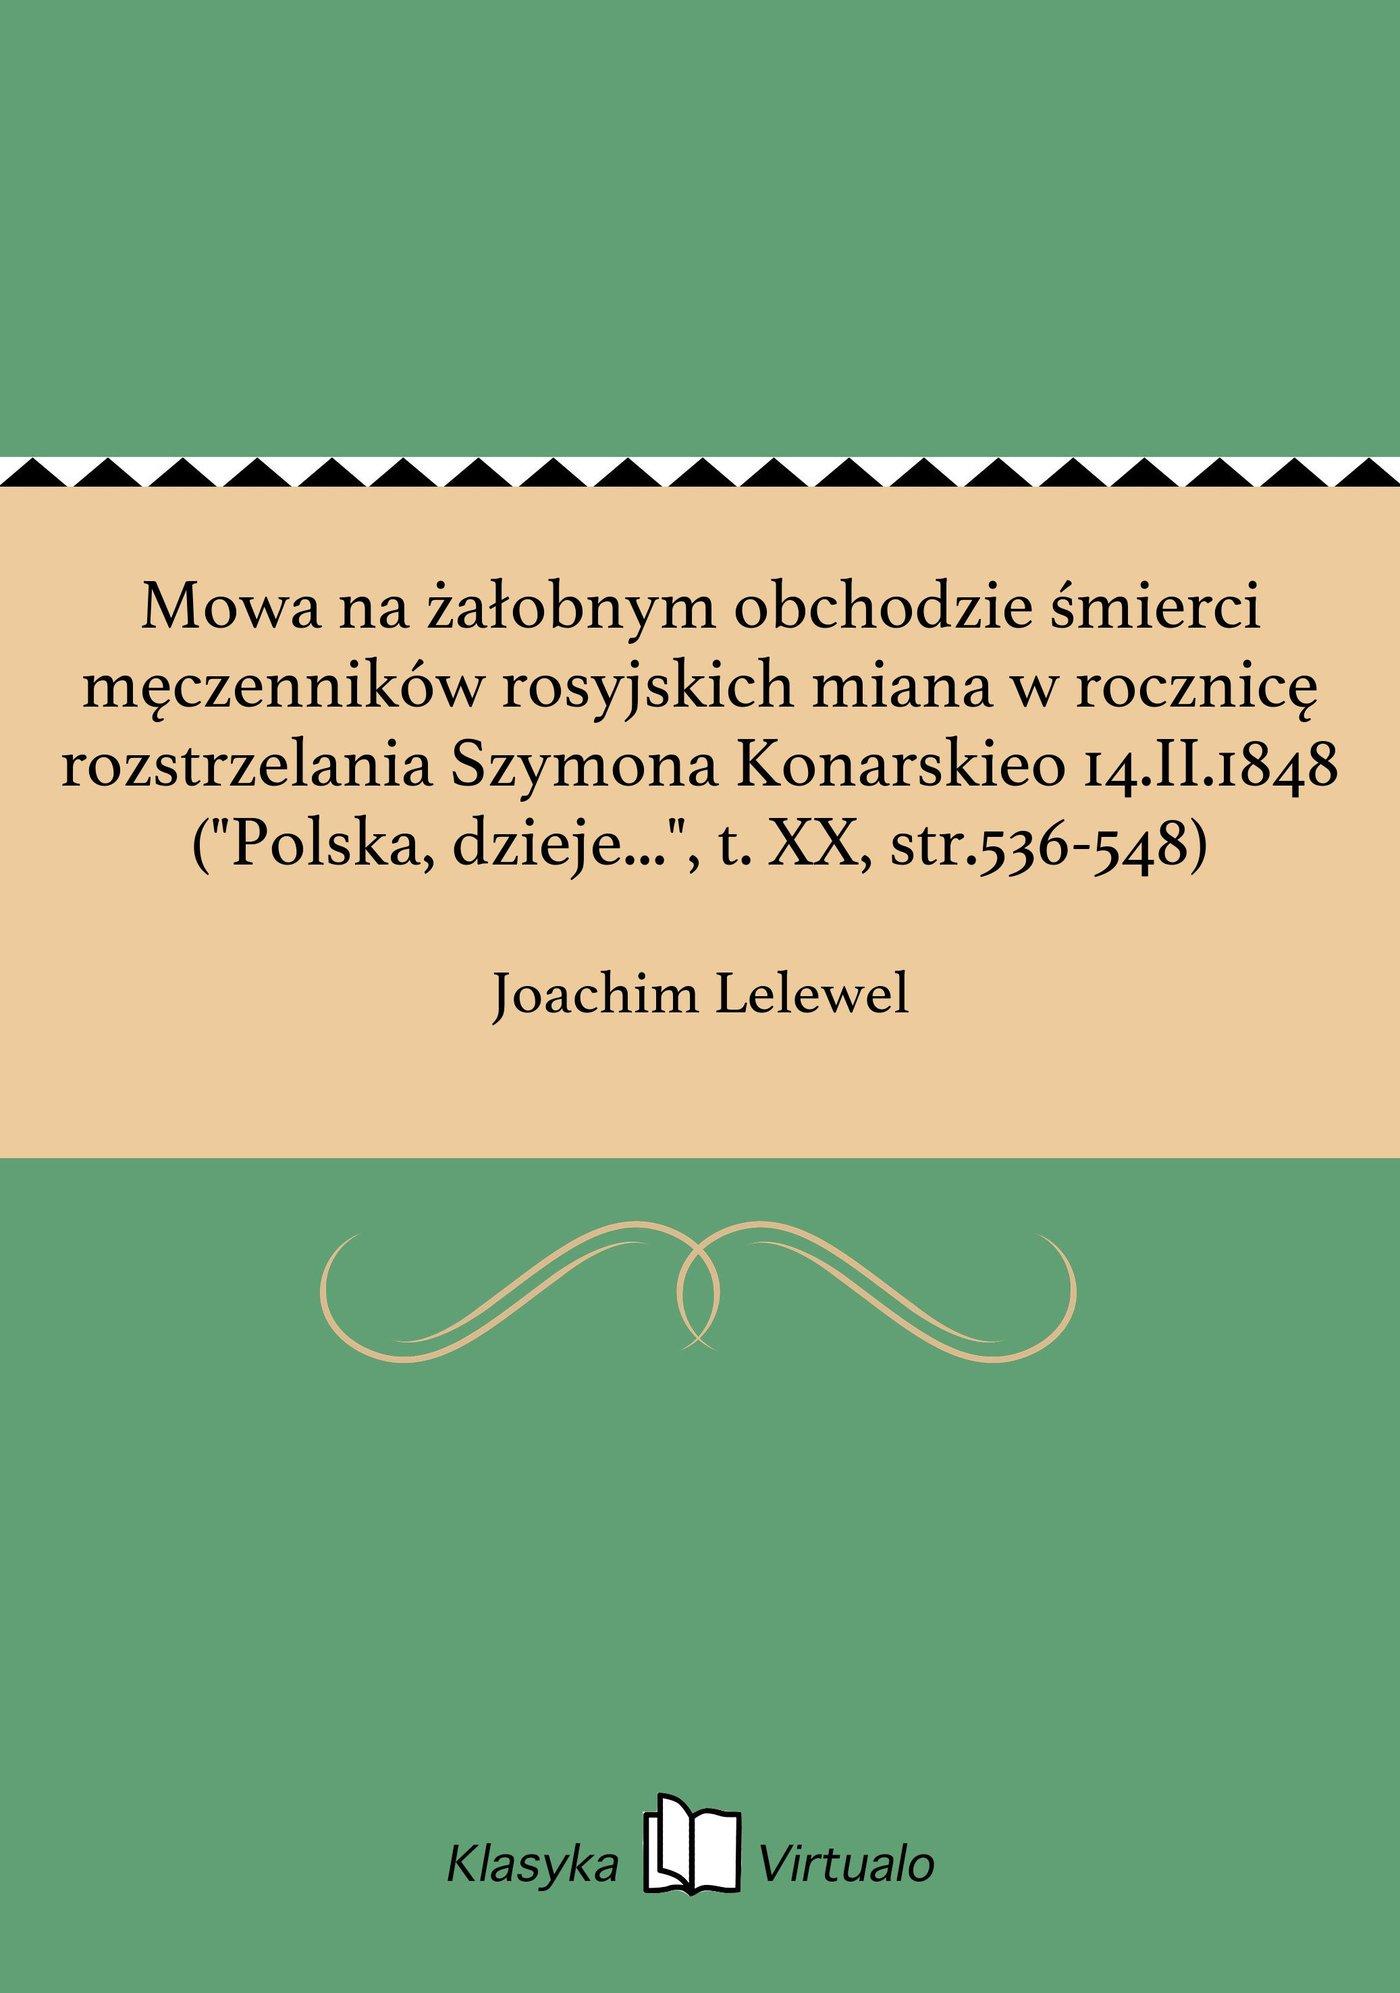 """Mowa na żałobnym obchodzie śmierci męczenników rosyjskich miana w rocznicę rozstrzelania Szymona Konarskieo 14.II.1848 (""""Polska, dzieje..."""", t. XX, str.536-548) - Ebook (Książka EPUB) do pobrania w formacie EPUB"""